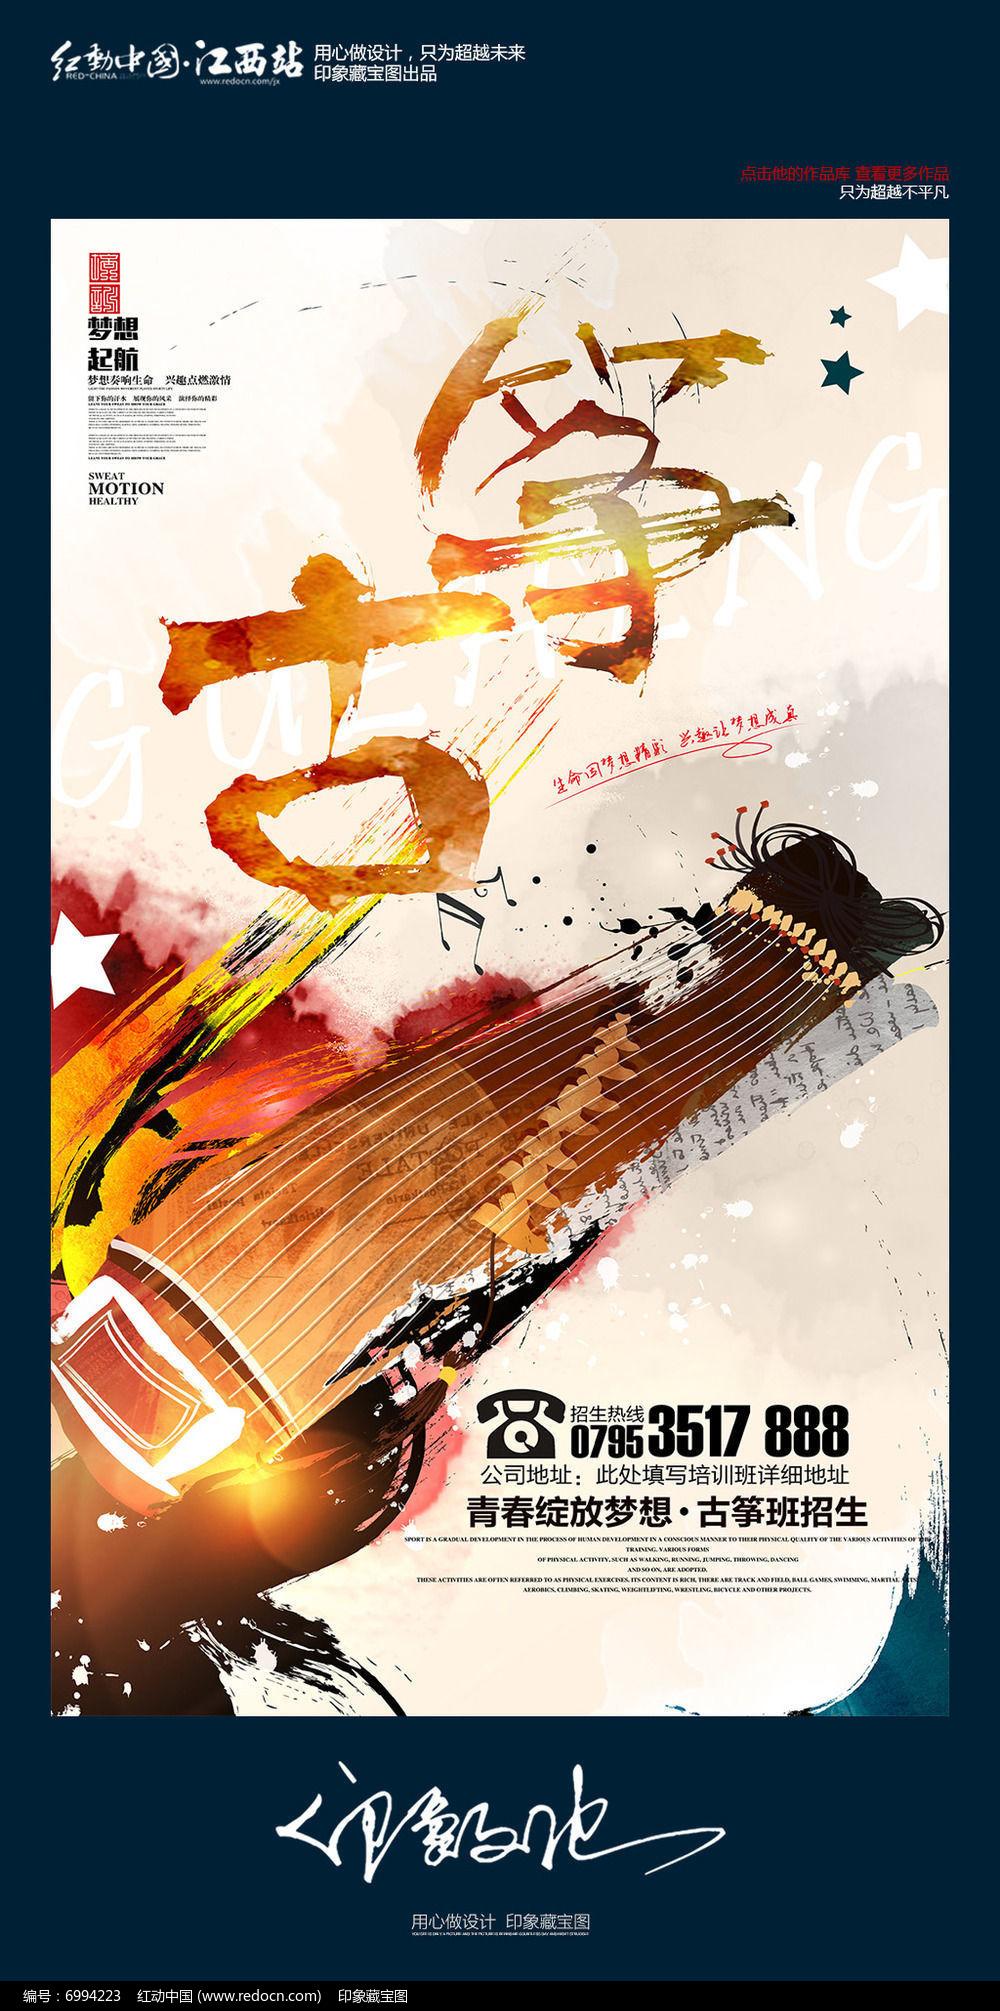 创意水彩古筝招生培训海报图片